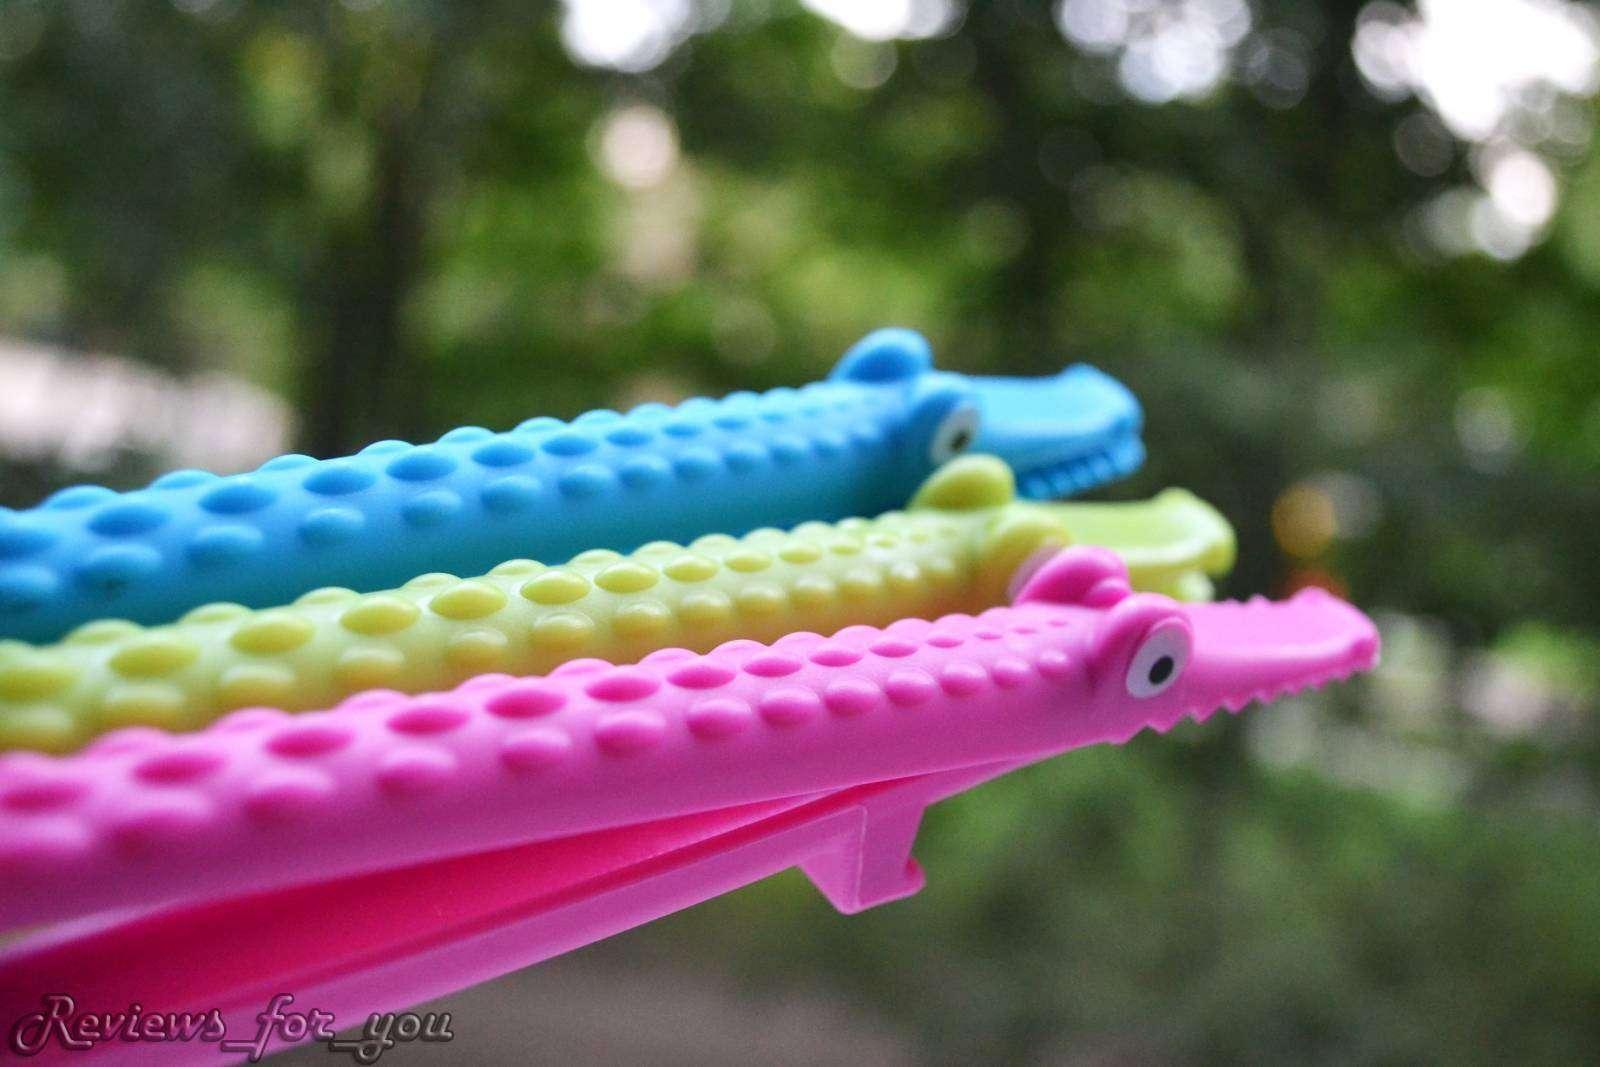 ChinaBuye: Щипцы кондитерские / 'Забавные крокодилы-помощники'